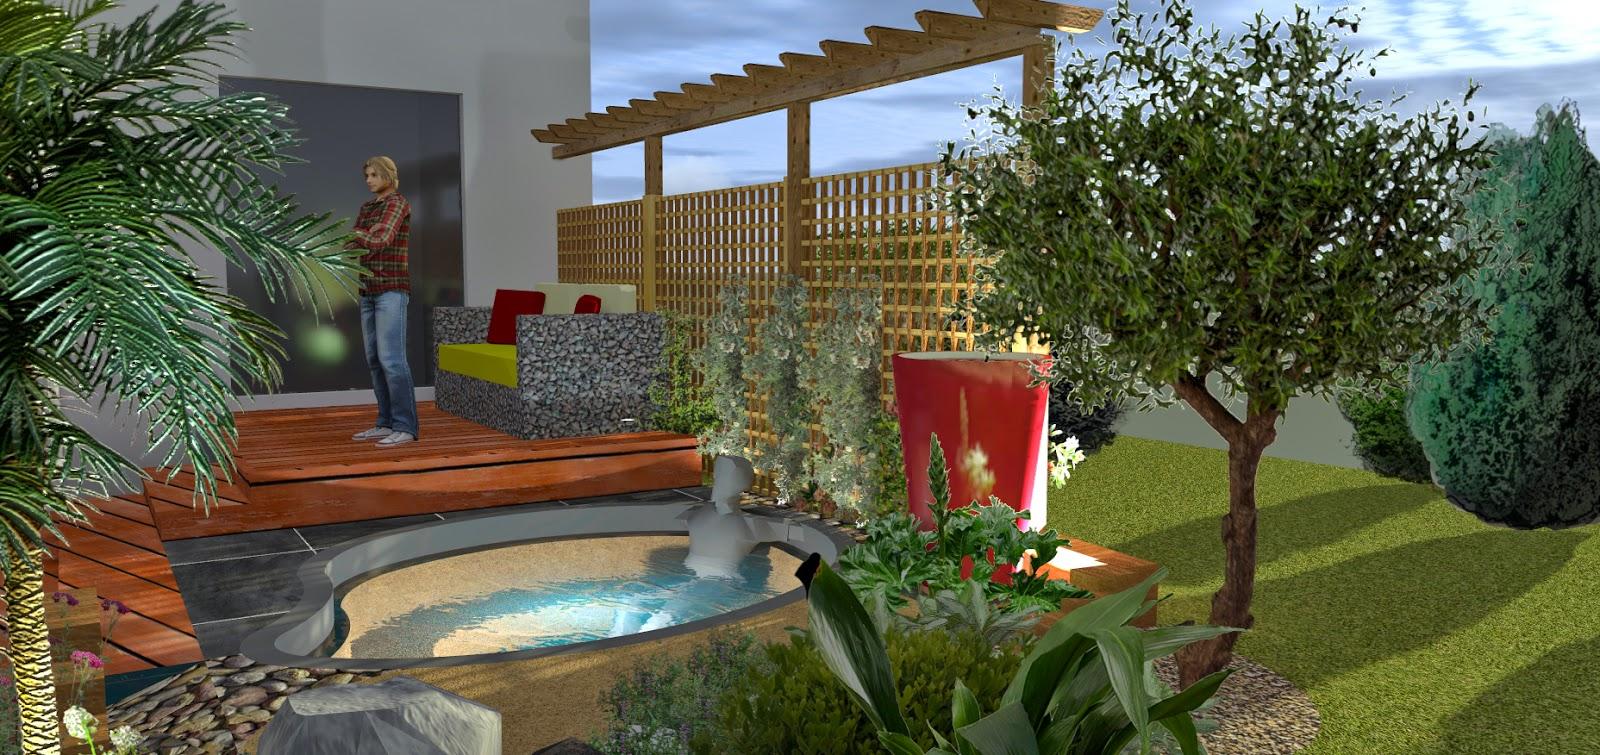 Cloture Jardin Val D Oise ~ Meilleures Idées Créatives Pour la ...